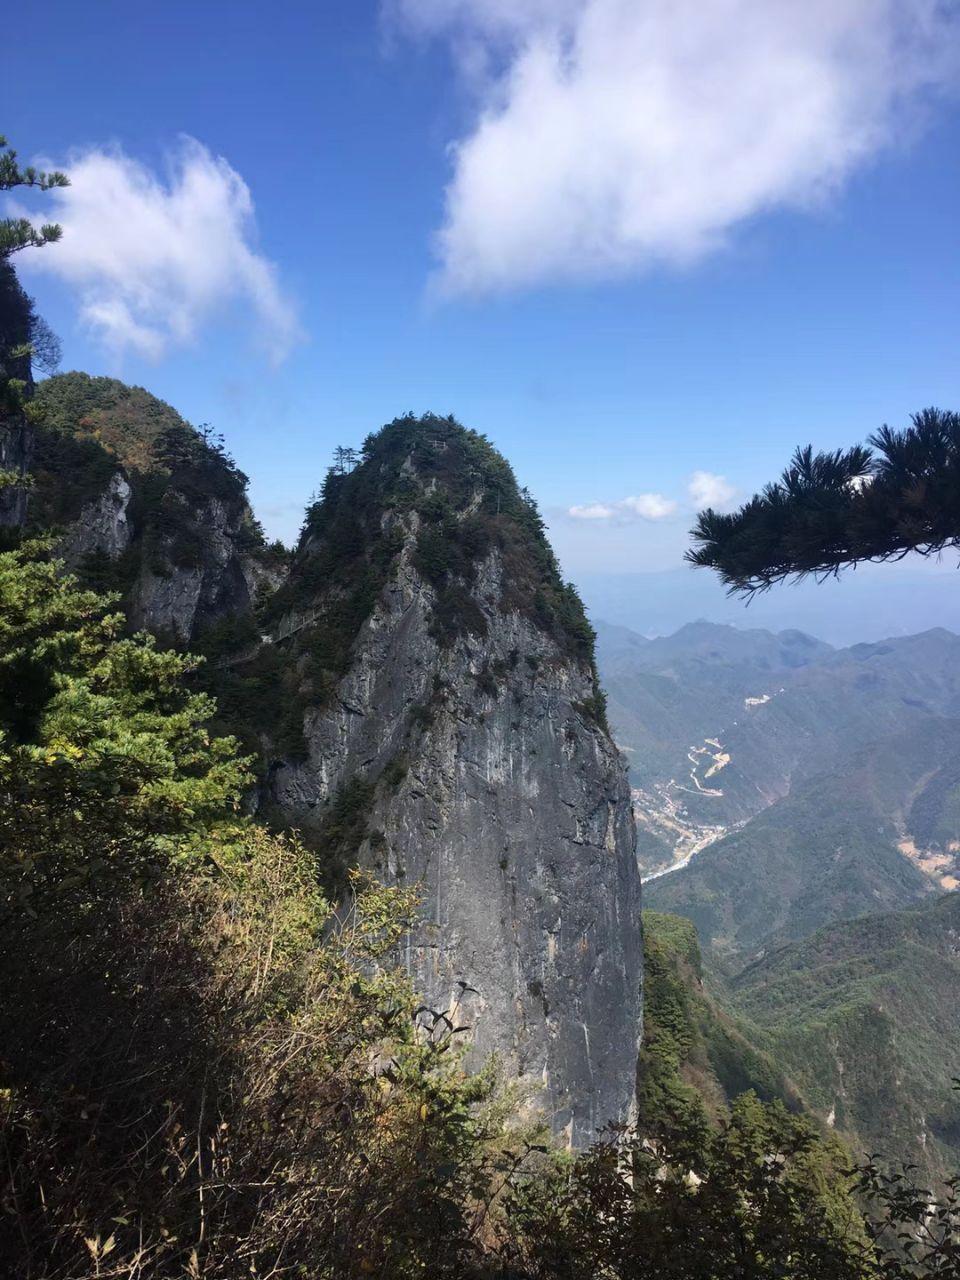 天竺山国家森林公园旅游景点攻略图图片